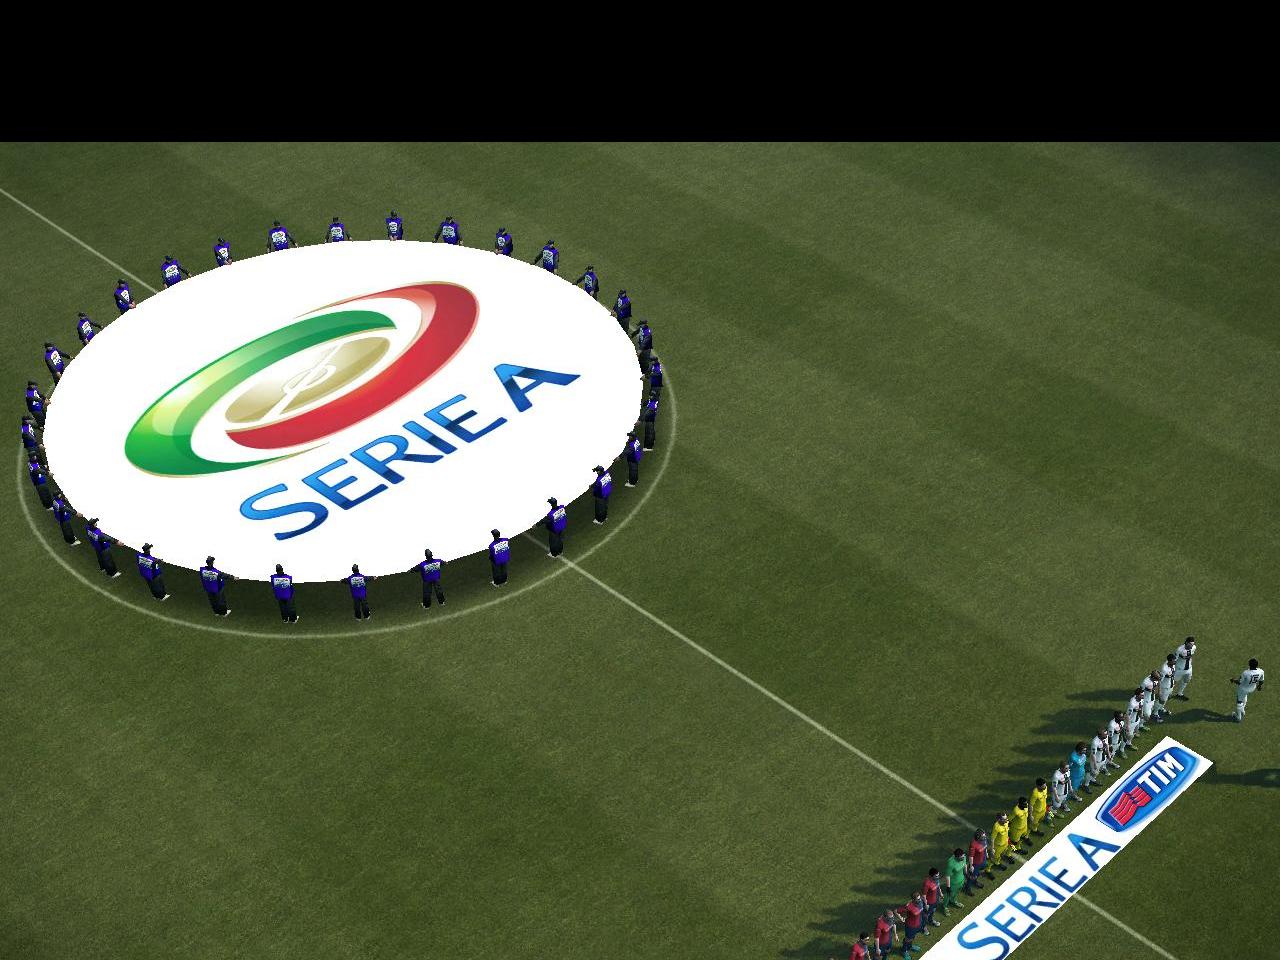 El fútbol italiano es investigado por corrupción